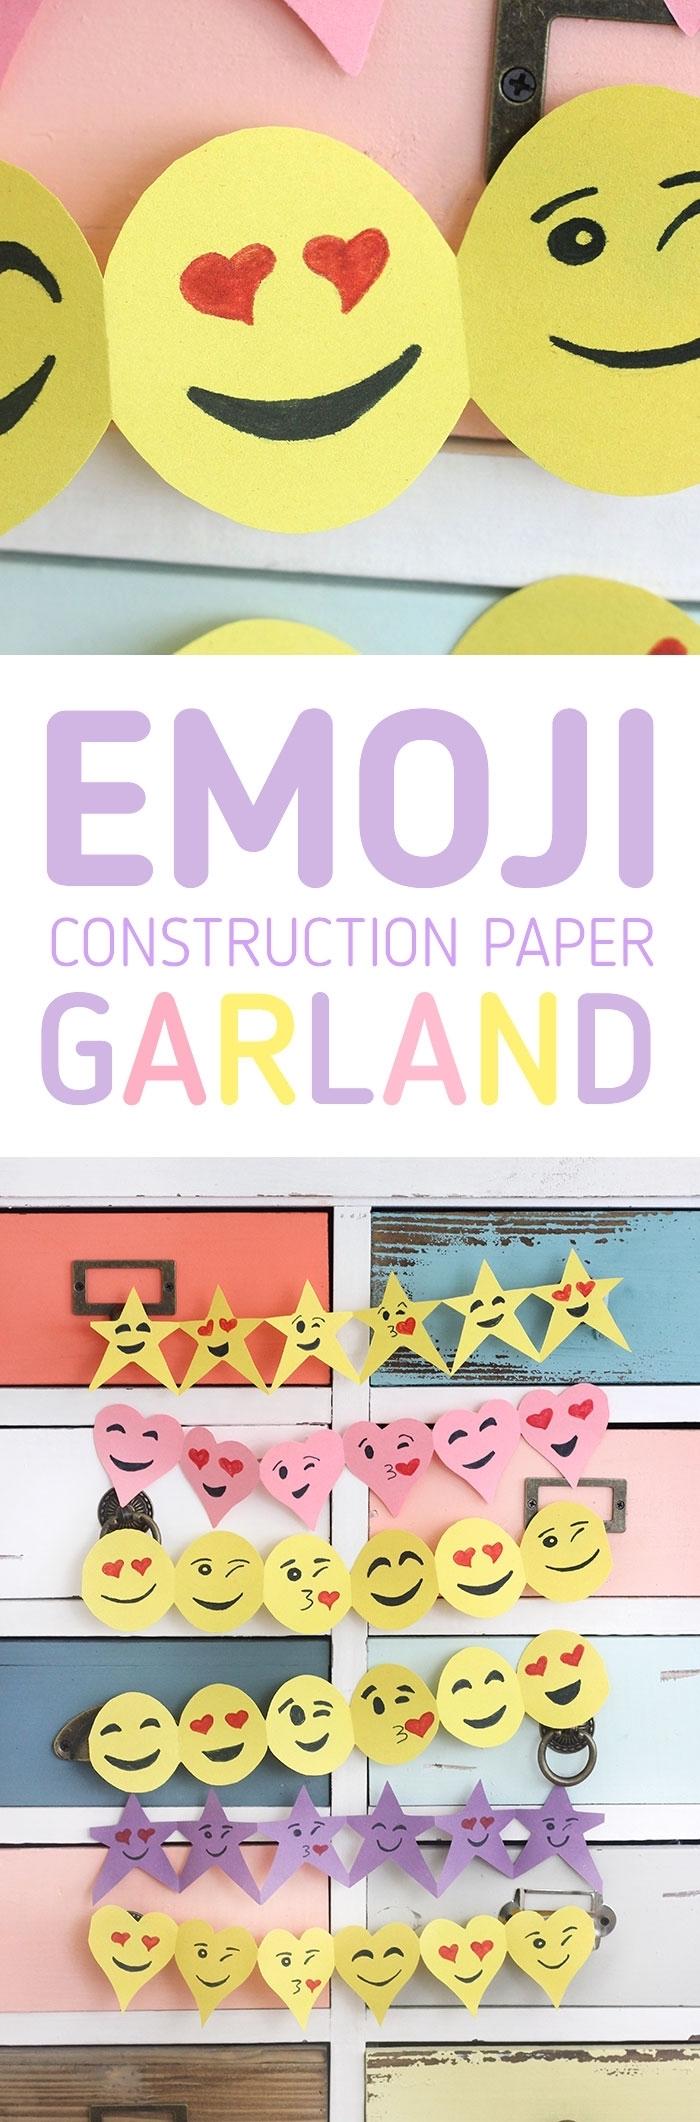 tutoriel pour réaliser une guirlande décorative à design emoji en papier, activité manuelle pour enfants